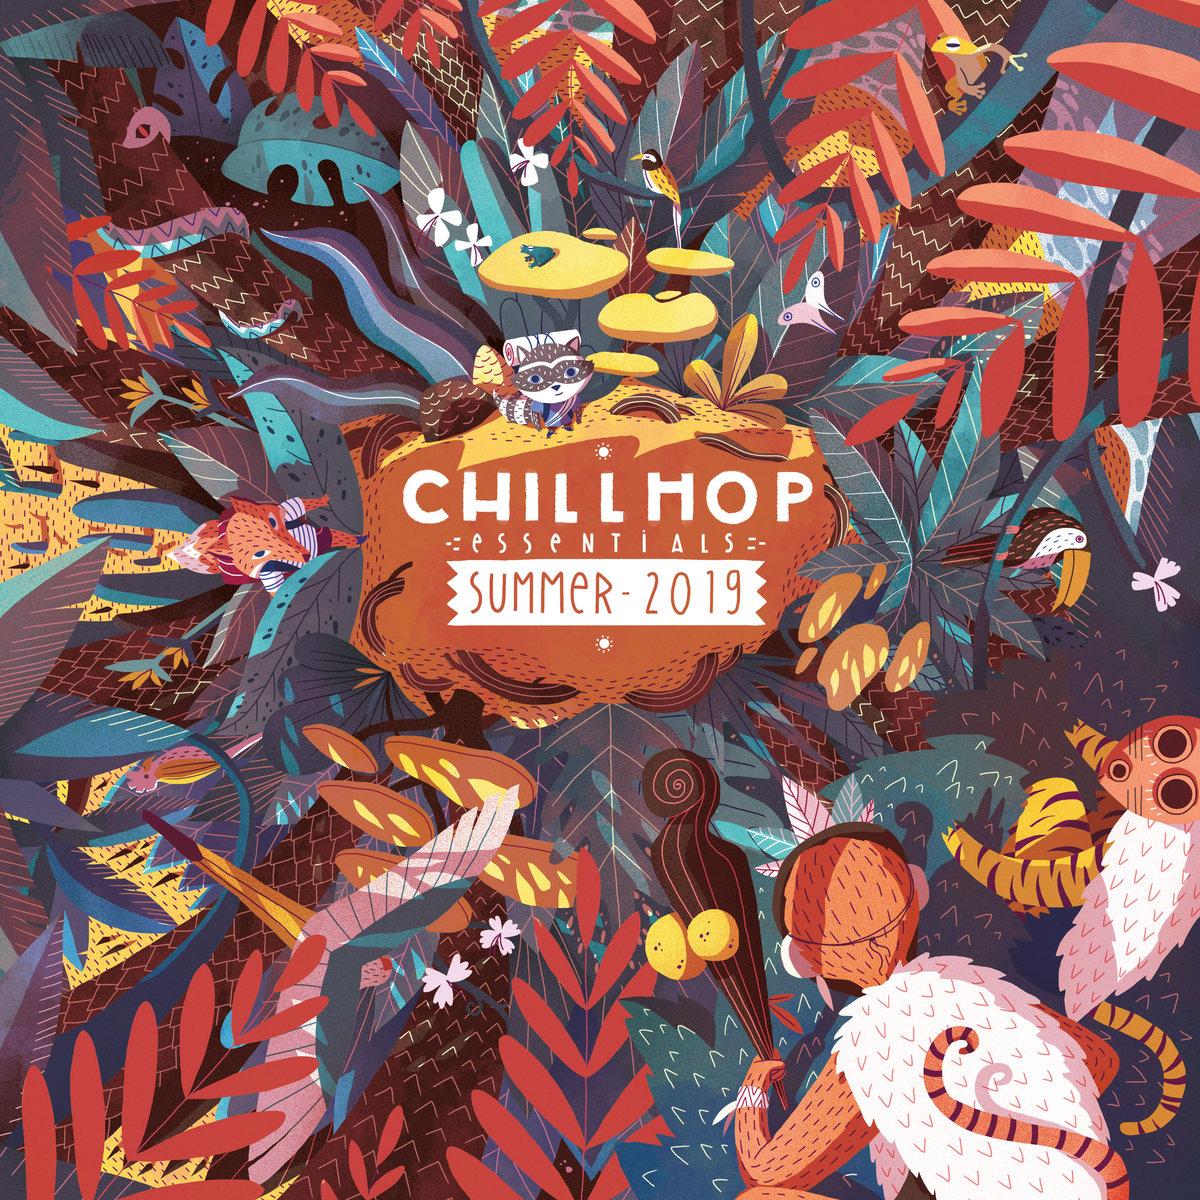 Chillhop Essentials - Summer 2019